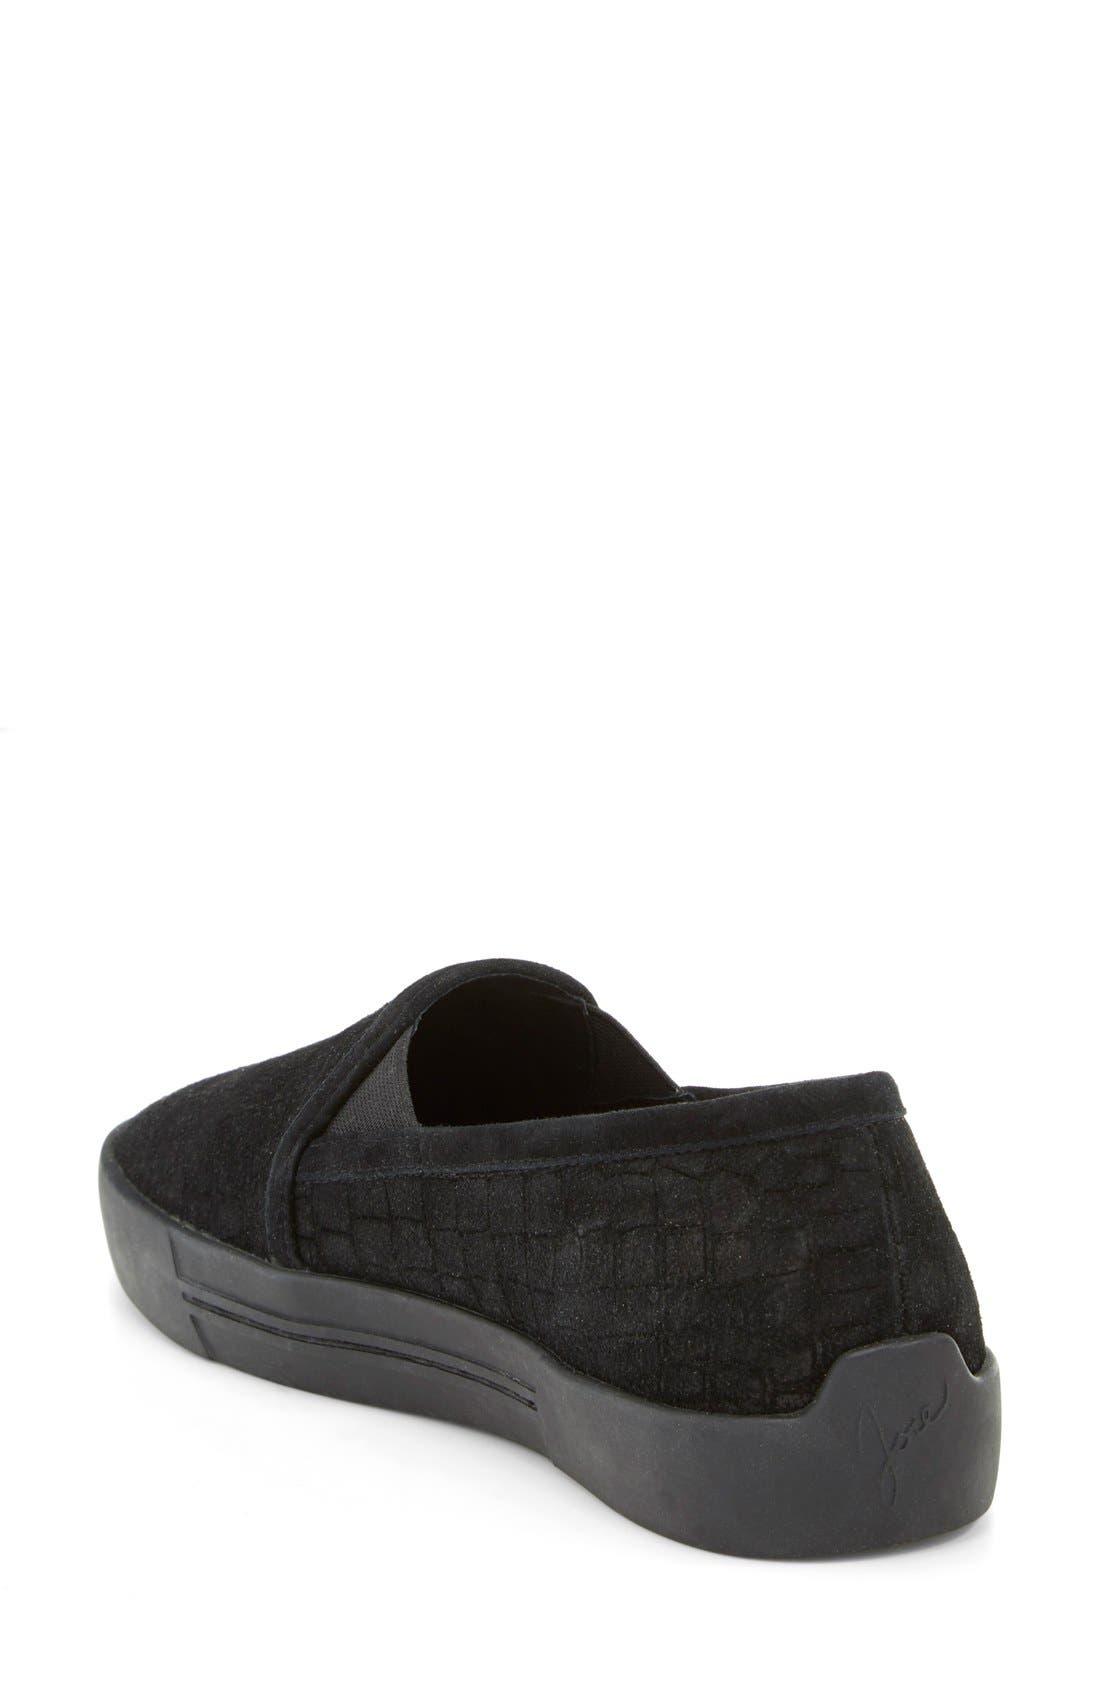 JOIE, 'Huxley' Slip-On Sneaker, Alternate thumbnail 2, color, 001